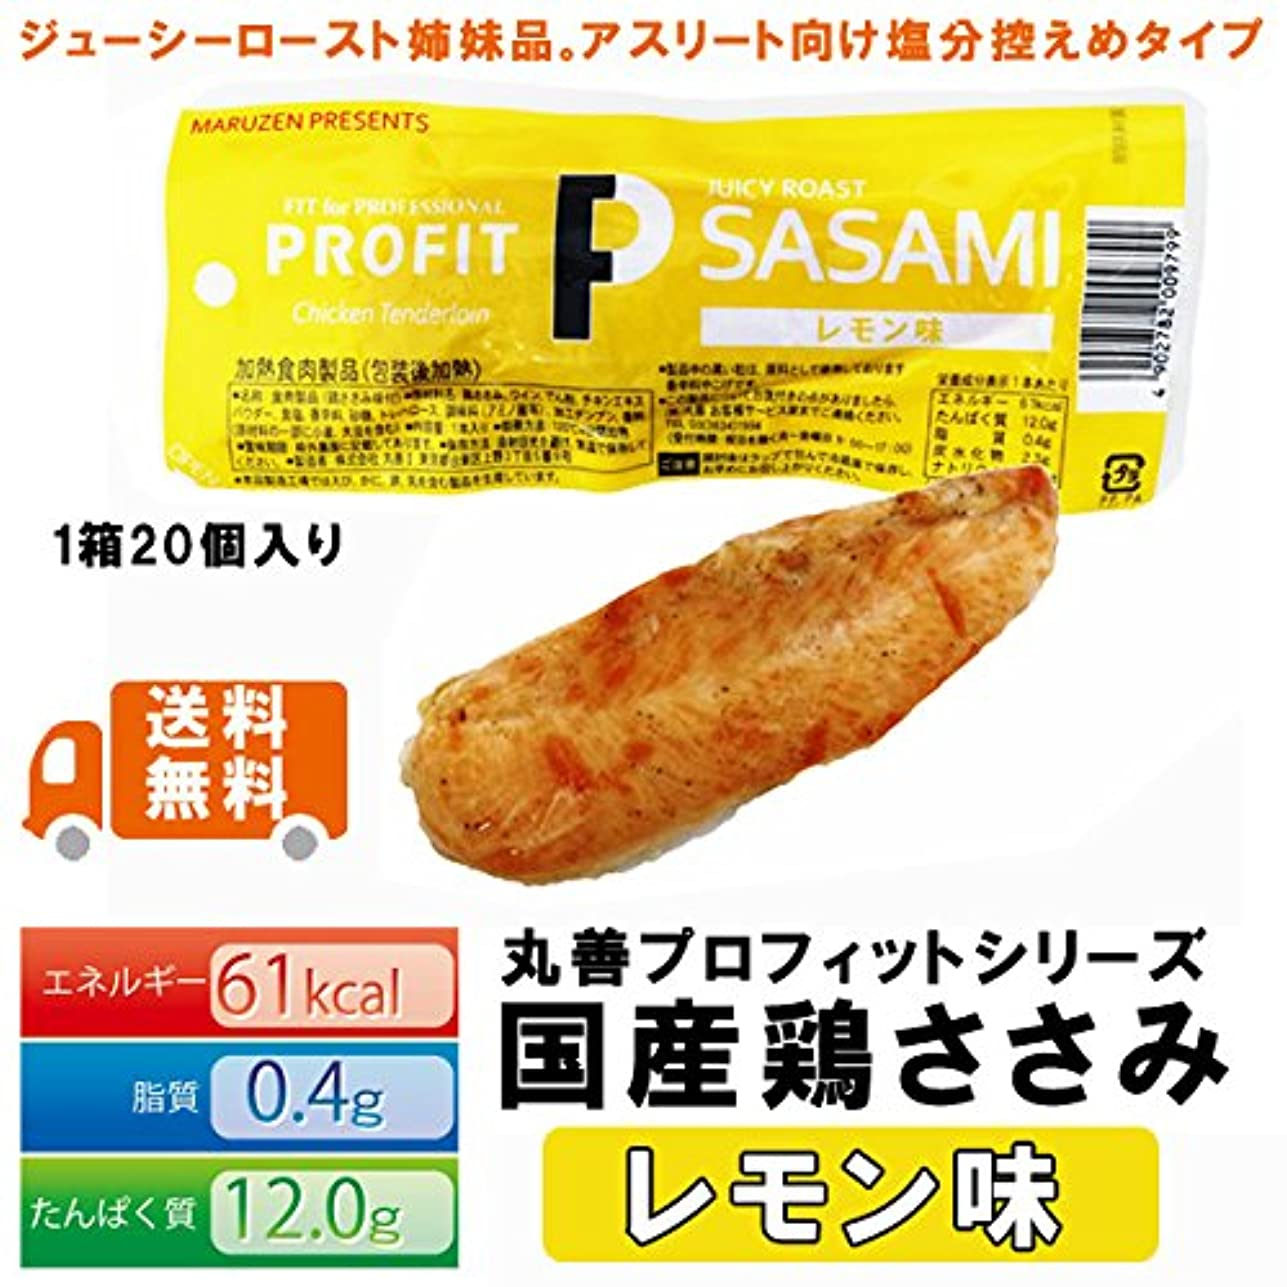 ストッキング土わずかに丸善 PRO-FIT プロフィットささみ 鶏ささみ レモン味 1箱20本入り